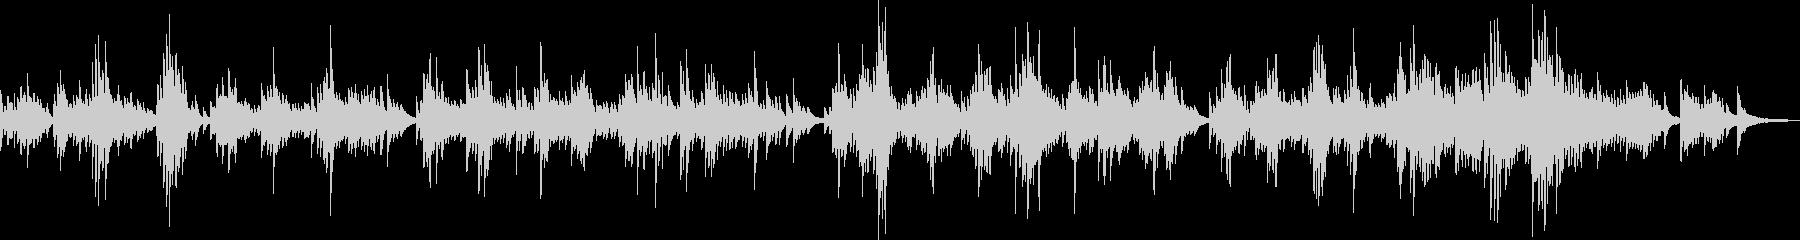 感動的なピアノバラード(温かい・優しい)の未再生の波形